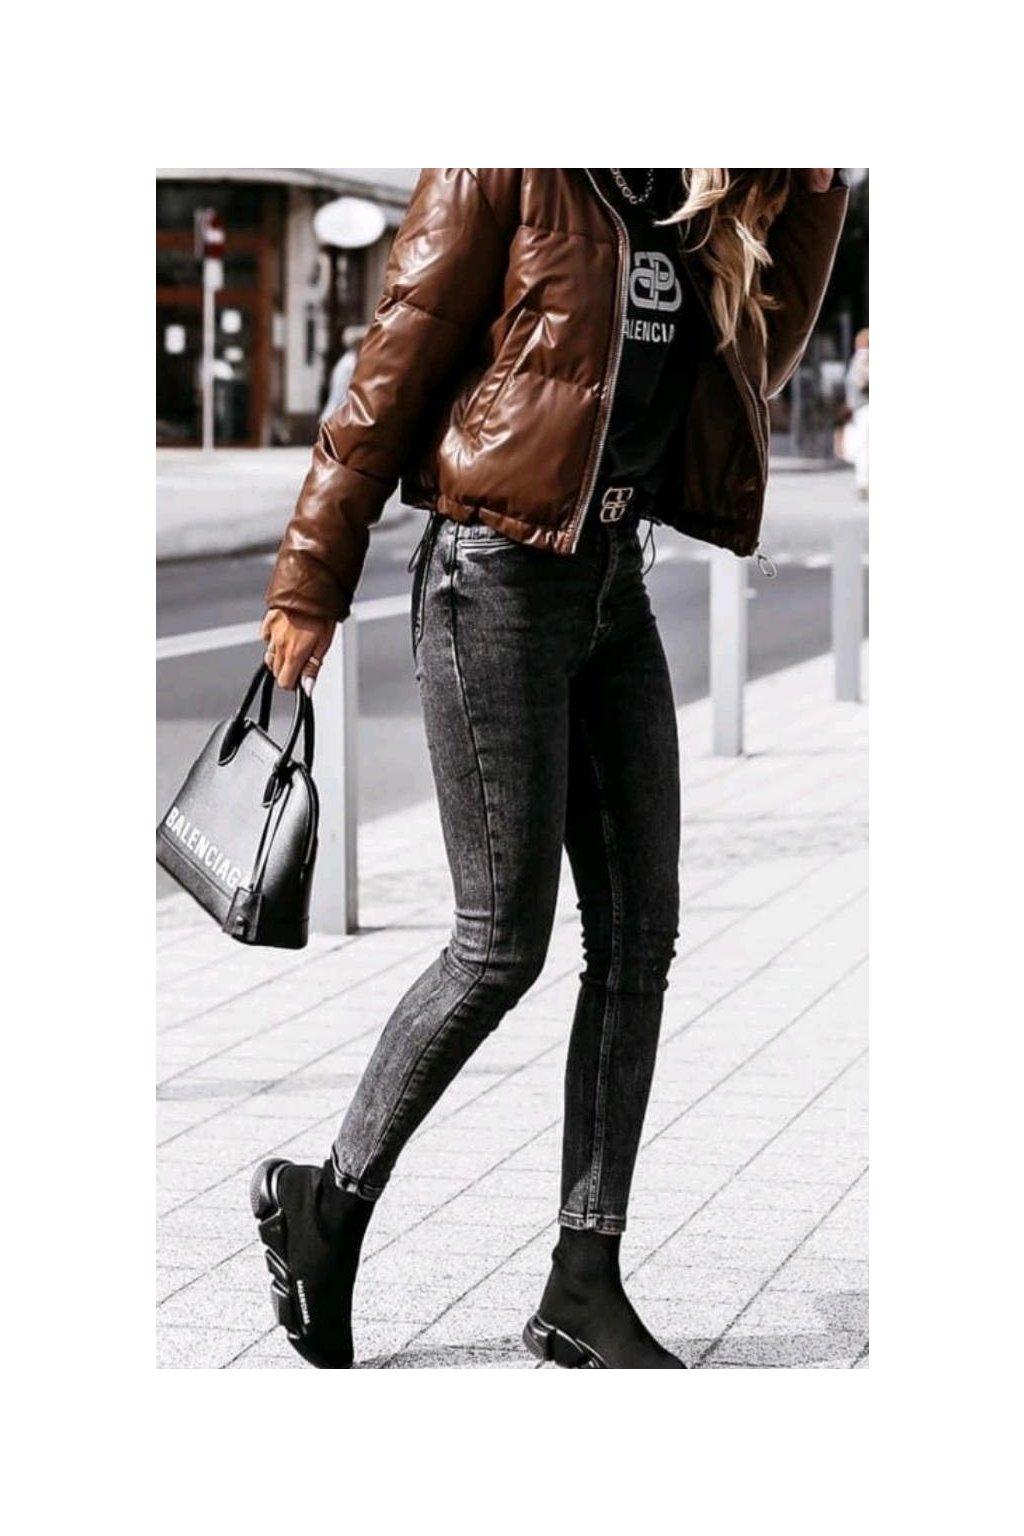 jeans černé jednoduché větší velikosti trendy s elastanem